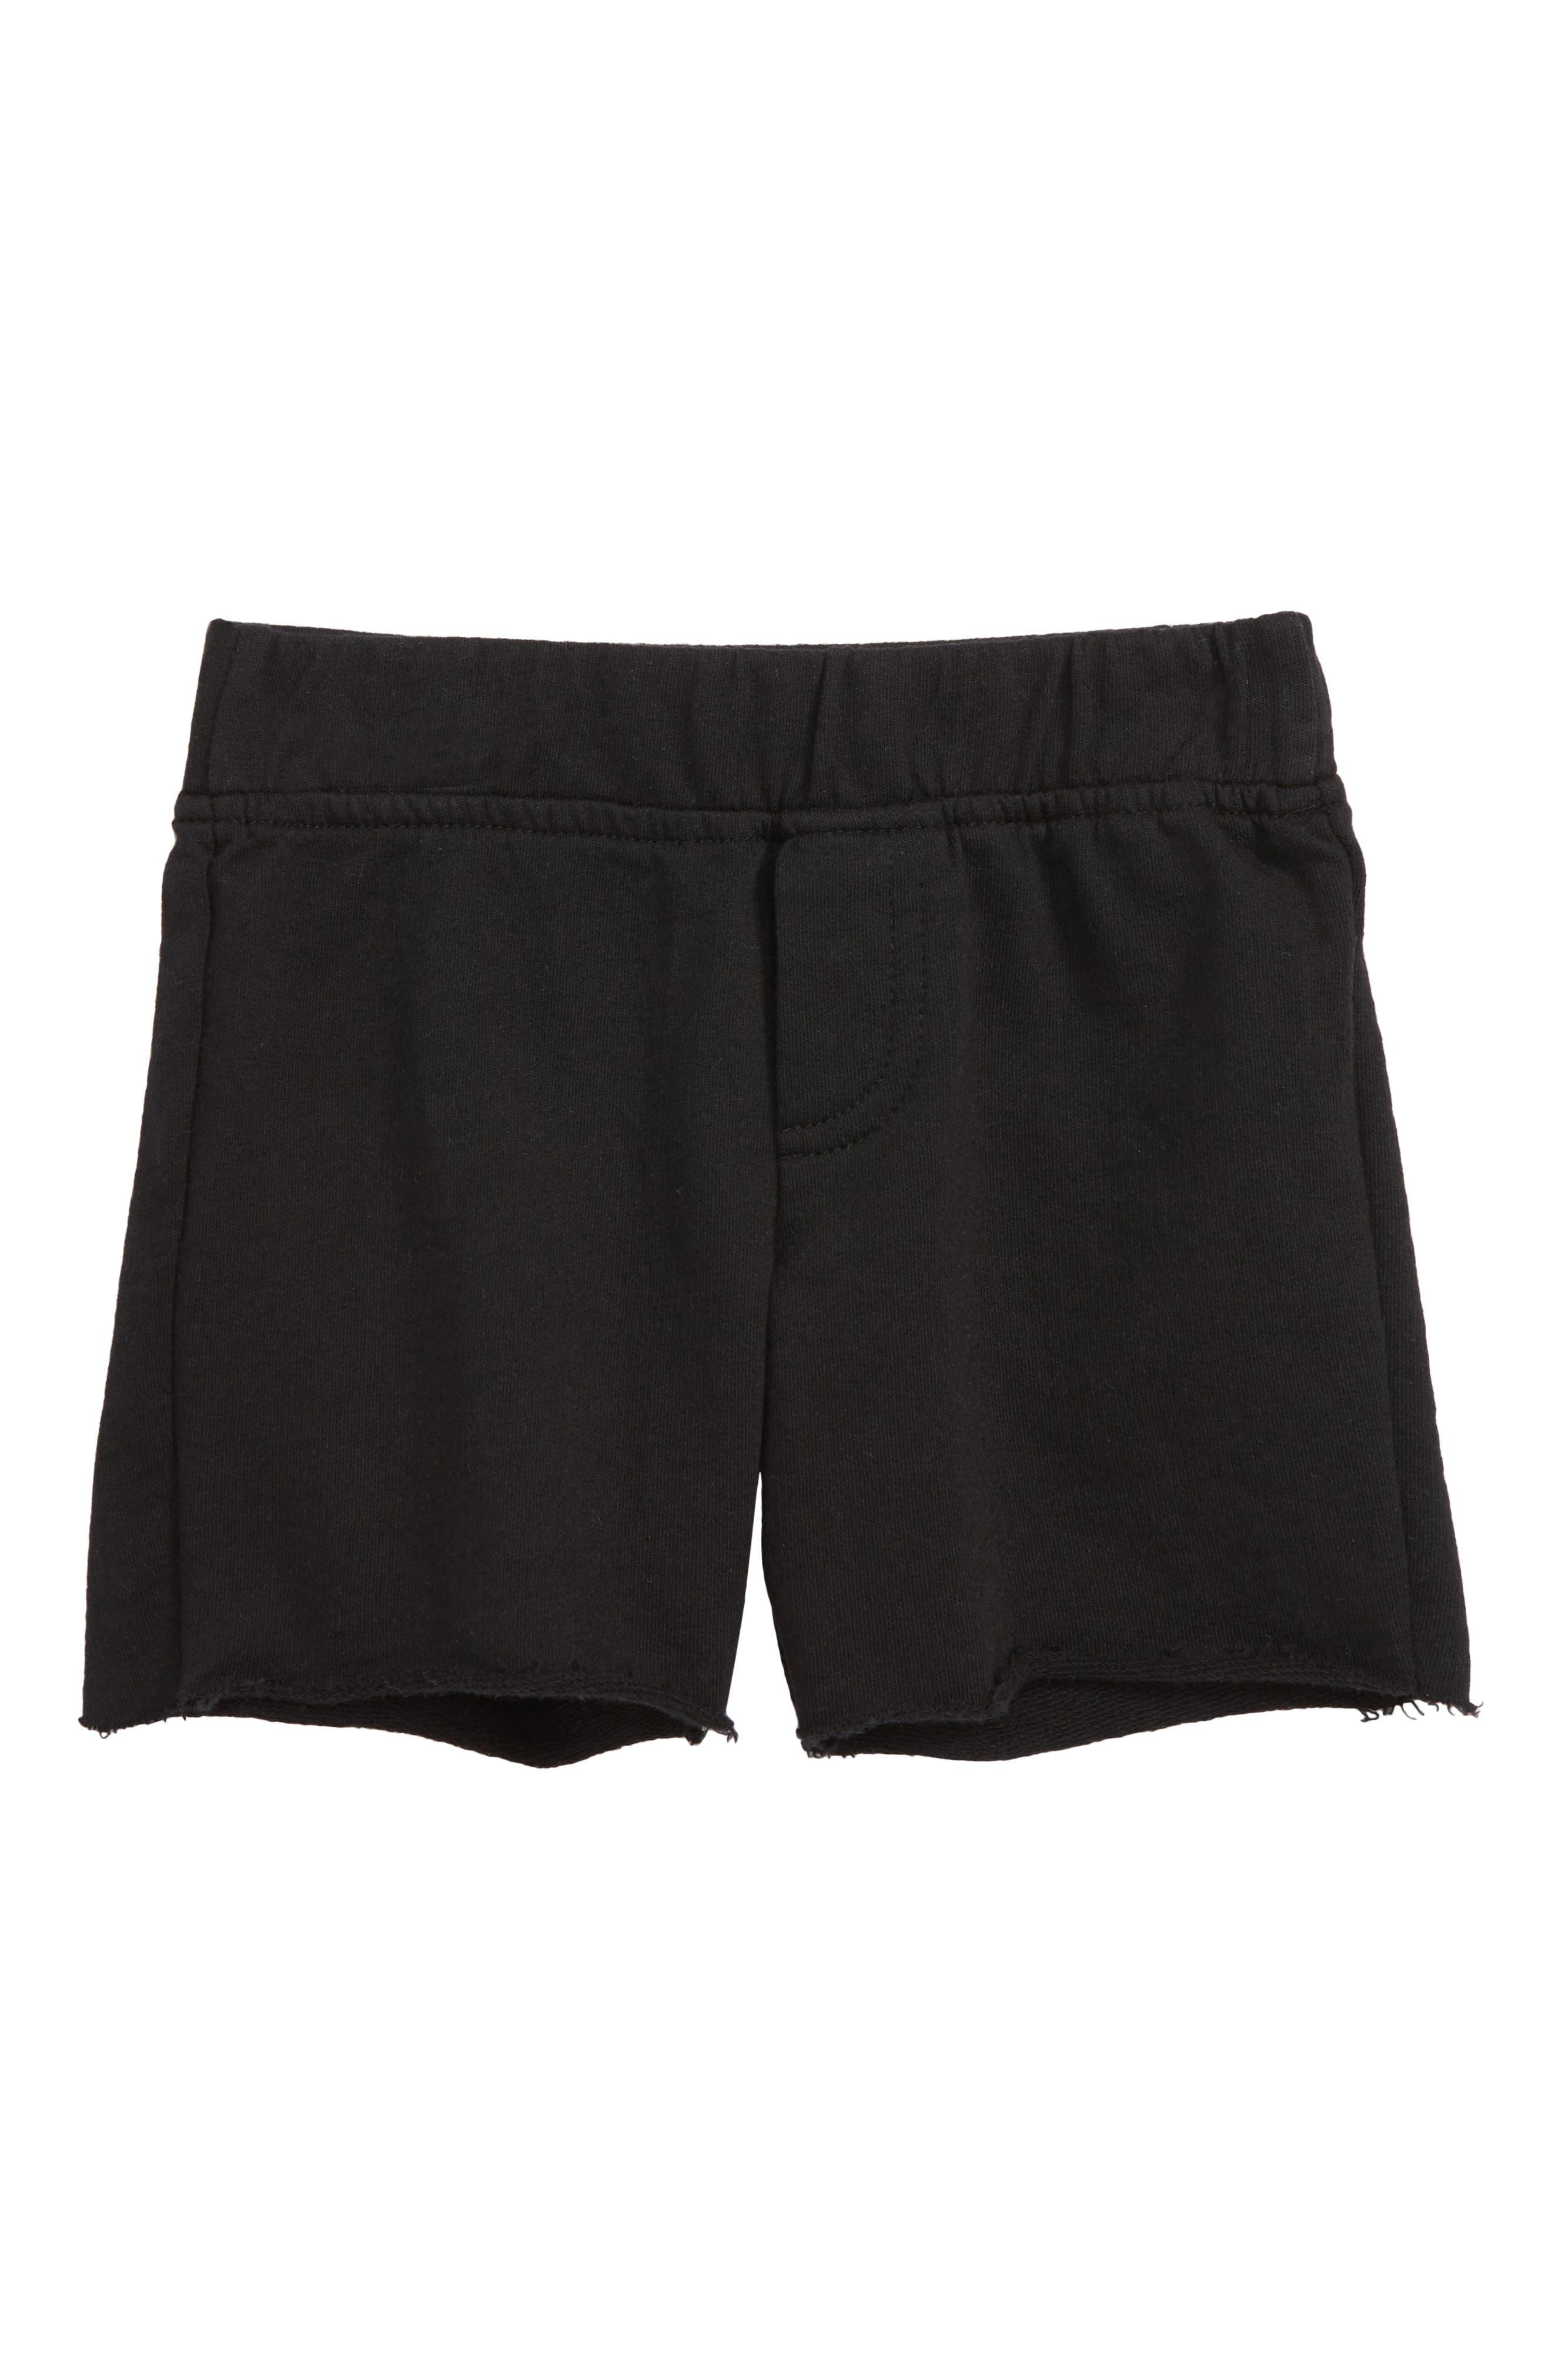 Knit Shorts,                             Main thumbnail 1, color,                             001